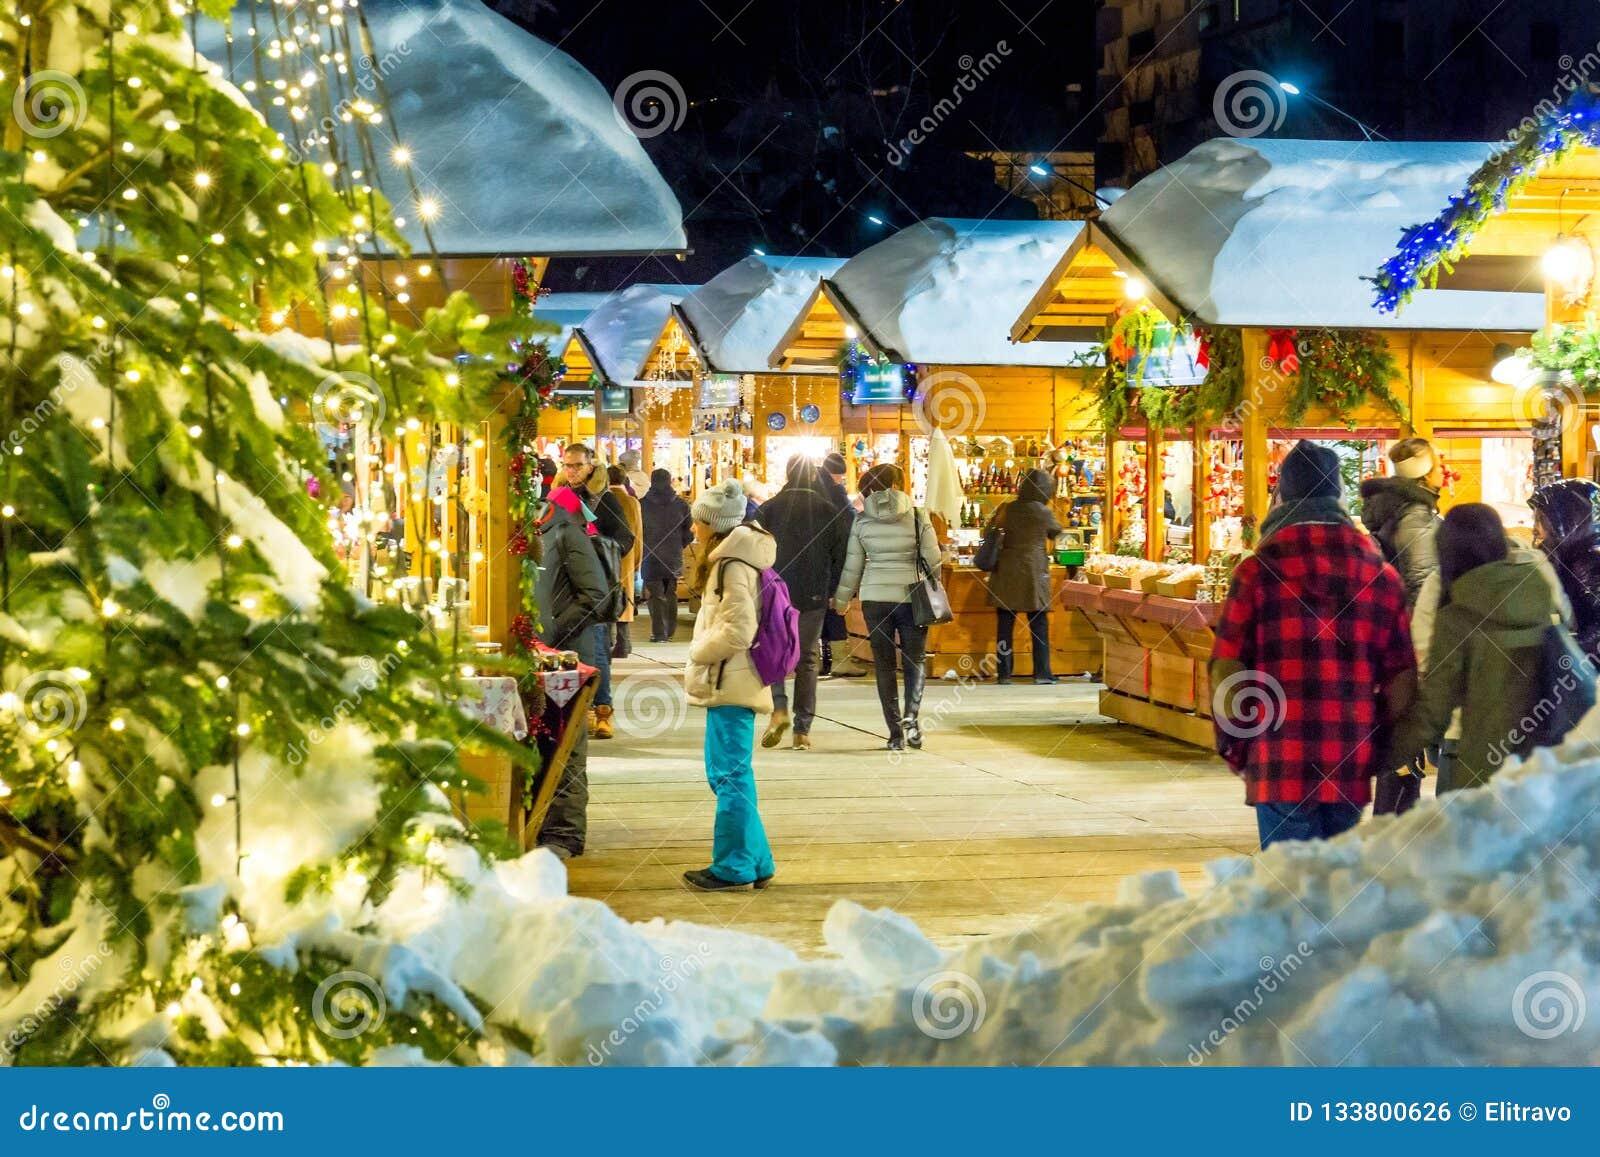 Mercado De La Navidad En Aosta Italia Foto Editorial Imagen De Ornamento Fondo 133800626